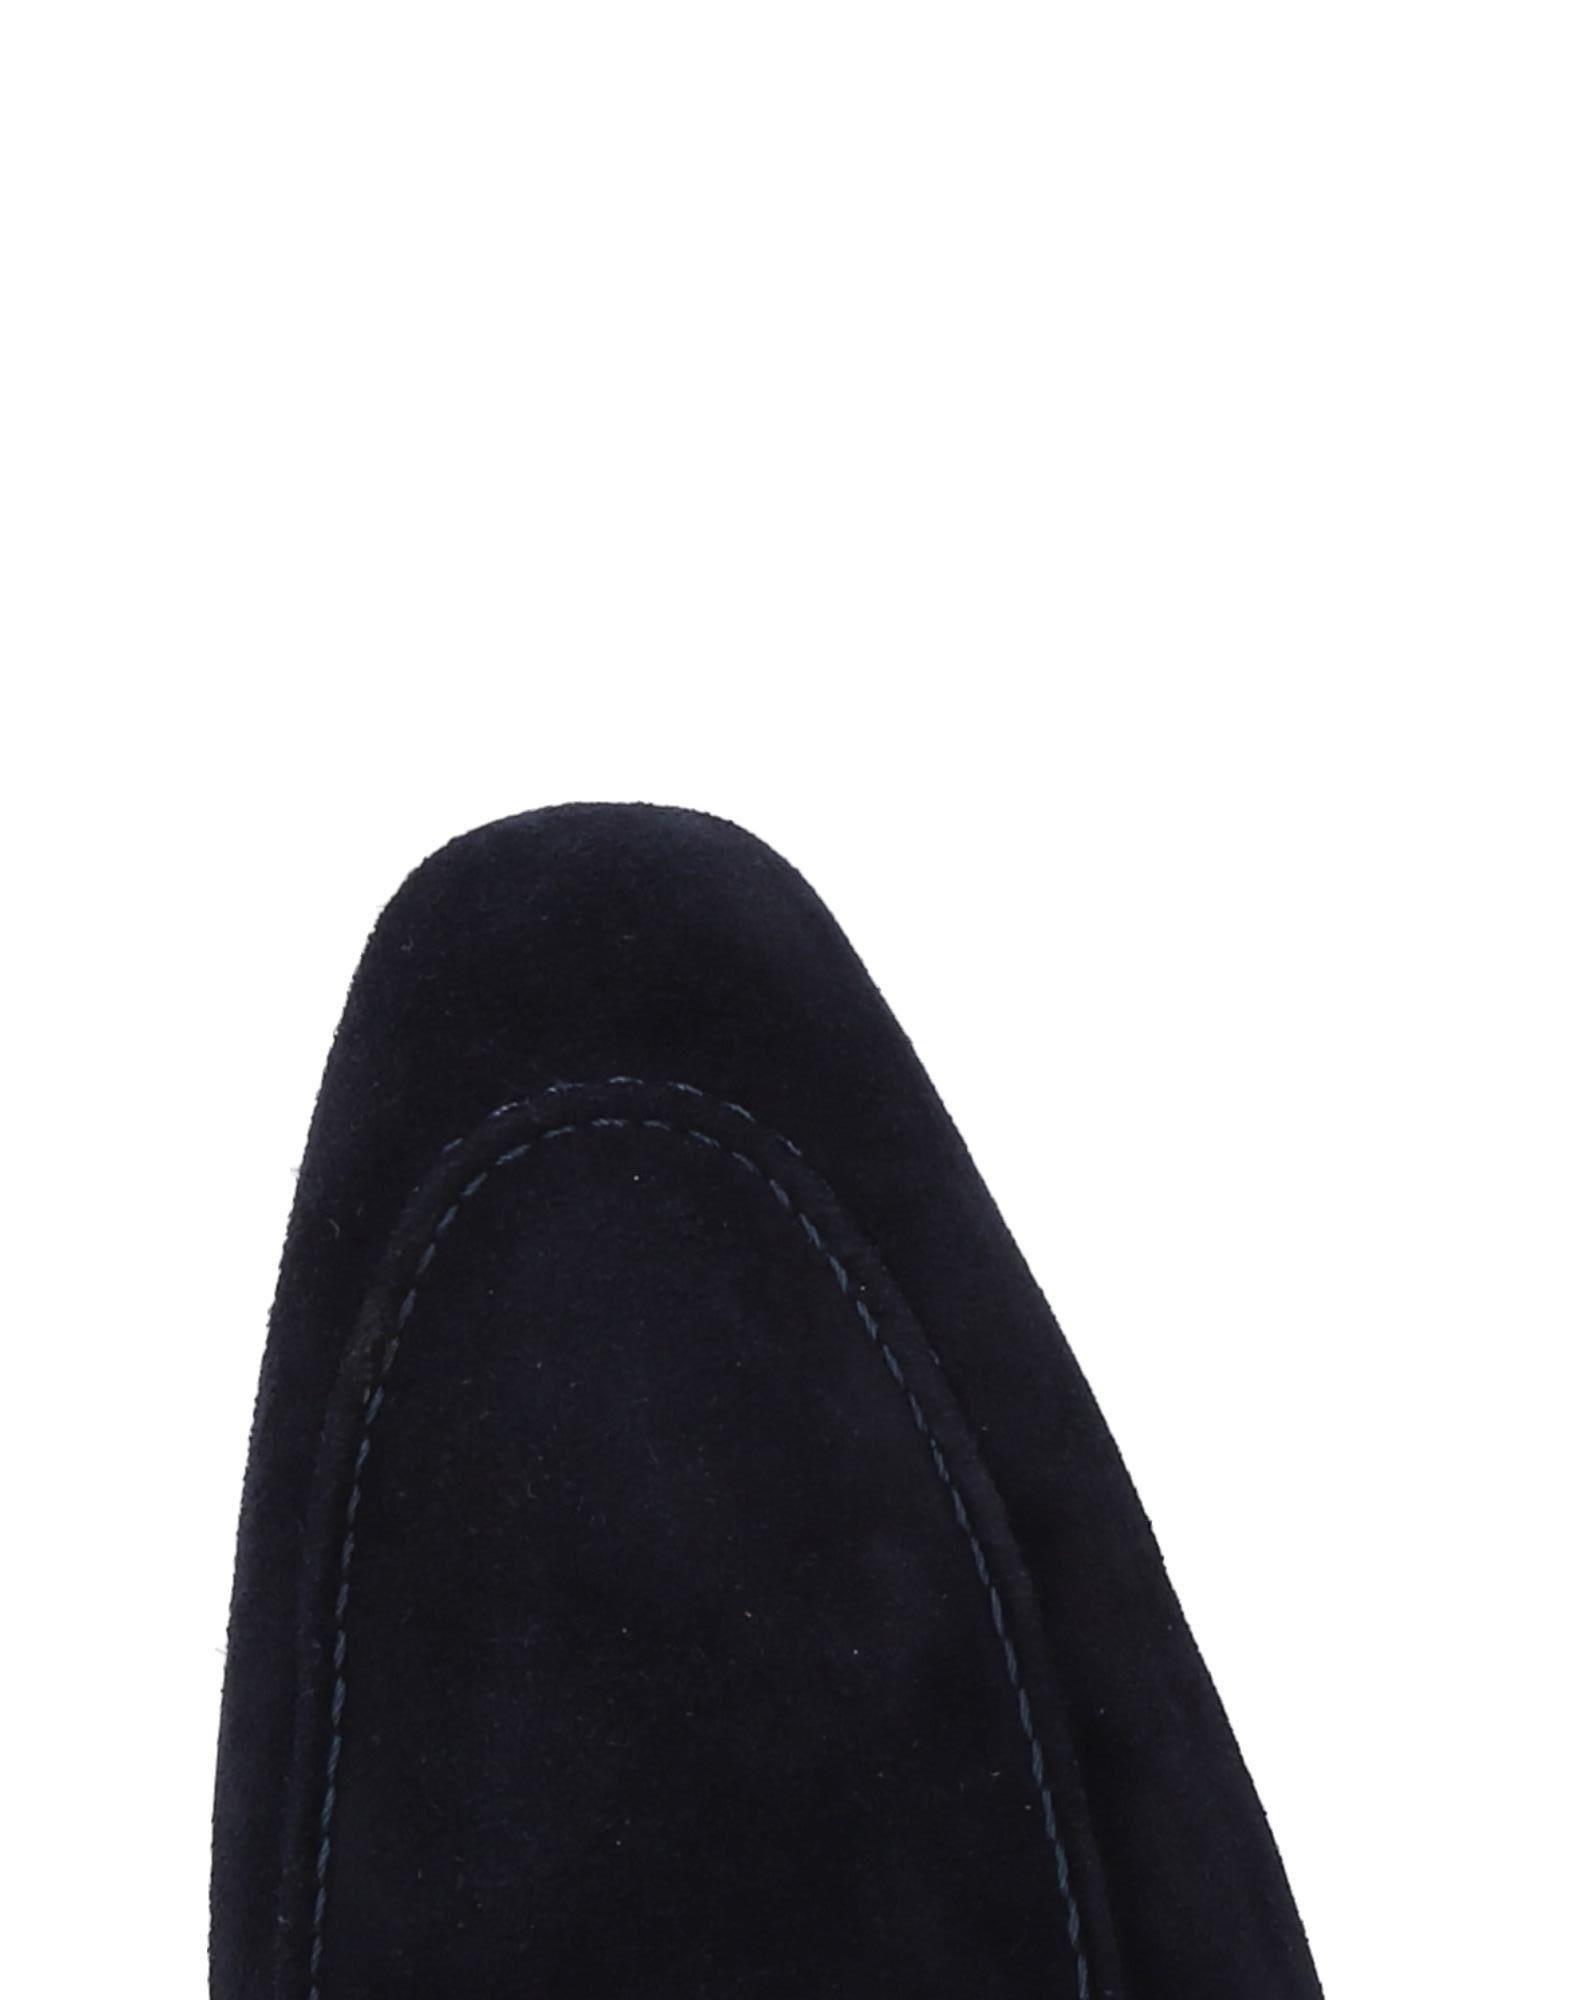 Cantarelli Mokassins Gute Herren  11502307DG Gute Mokassins Qualität beliebte Schuhe 63c7bb